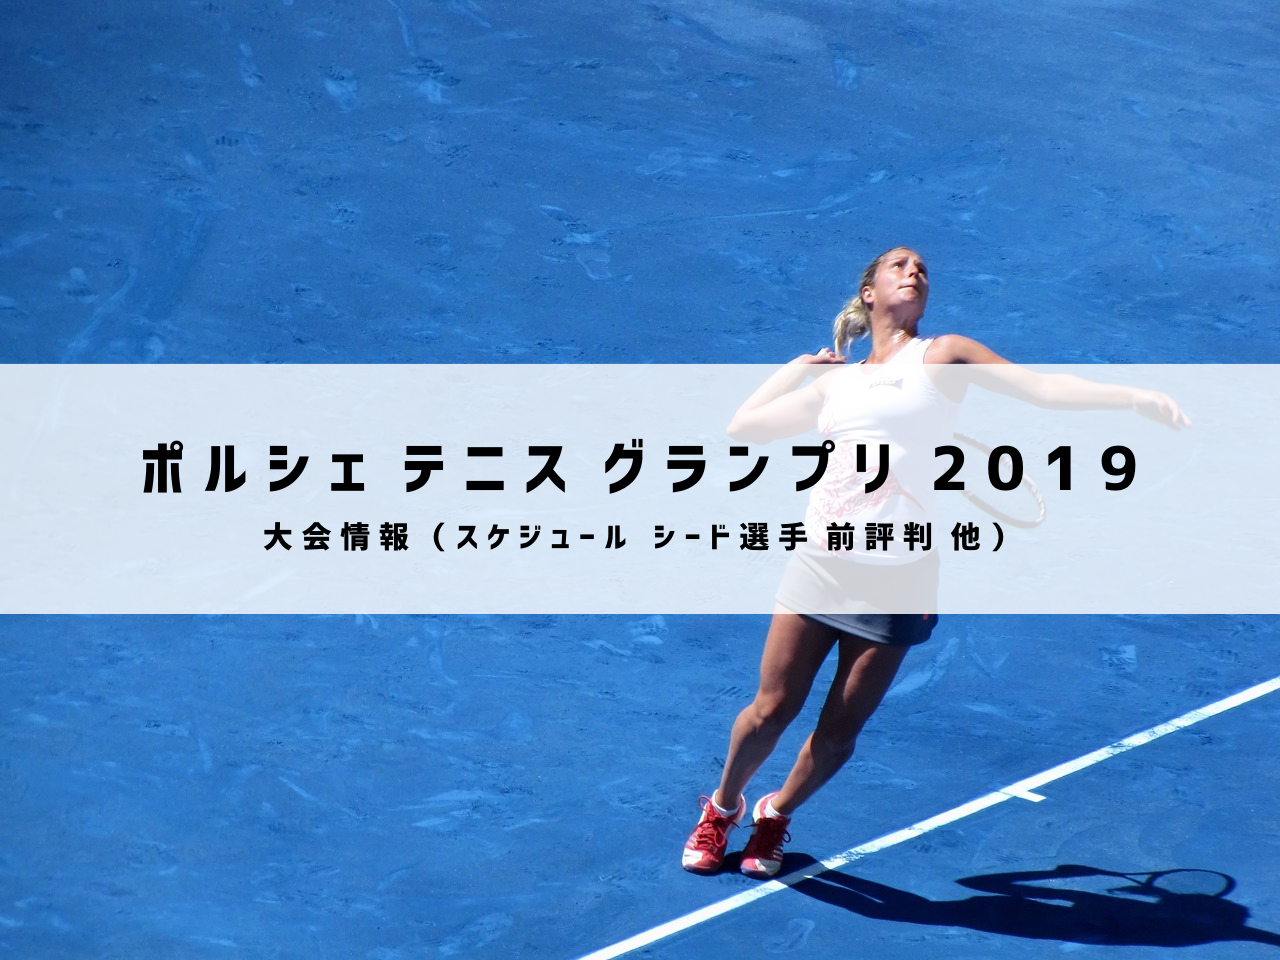 ポルシェテニスグランプリ2019大会情報